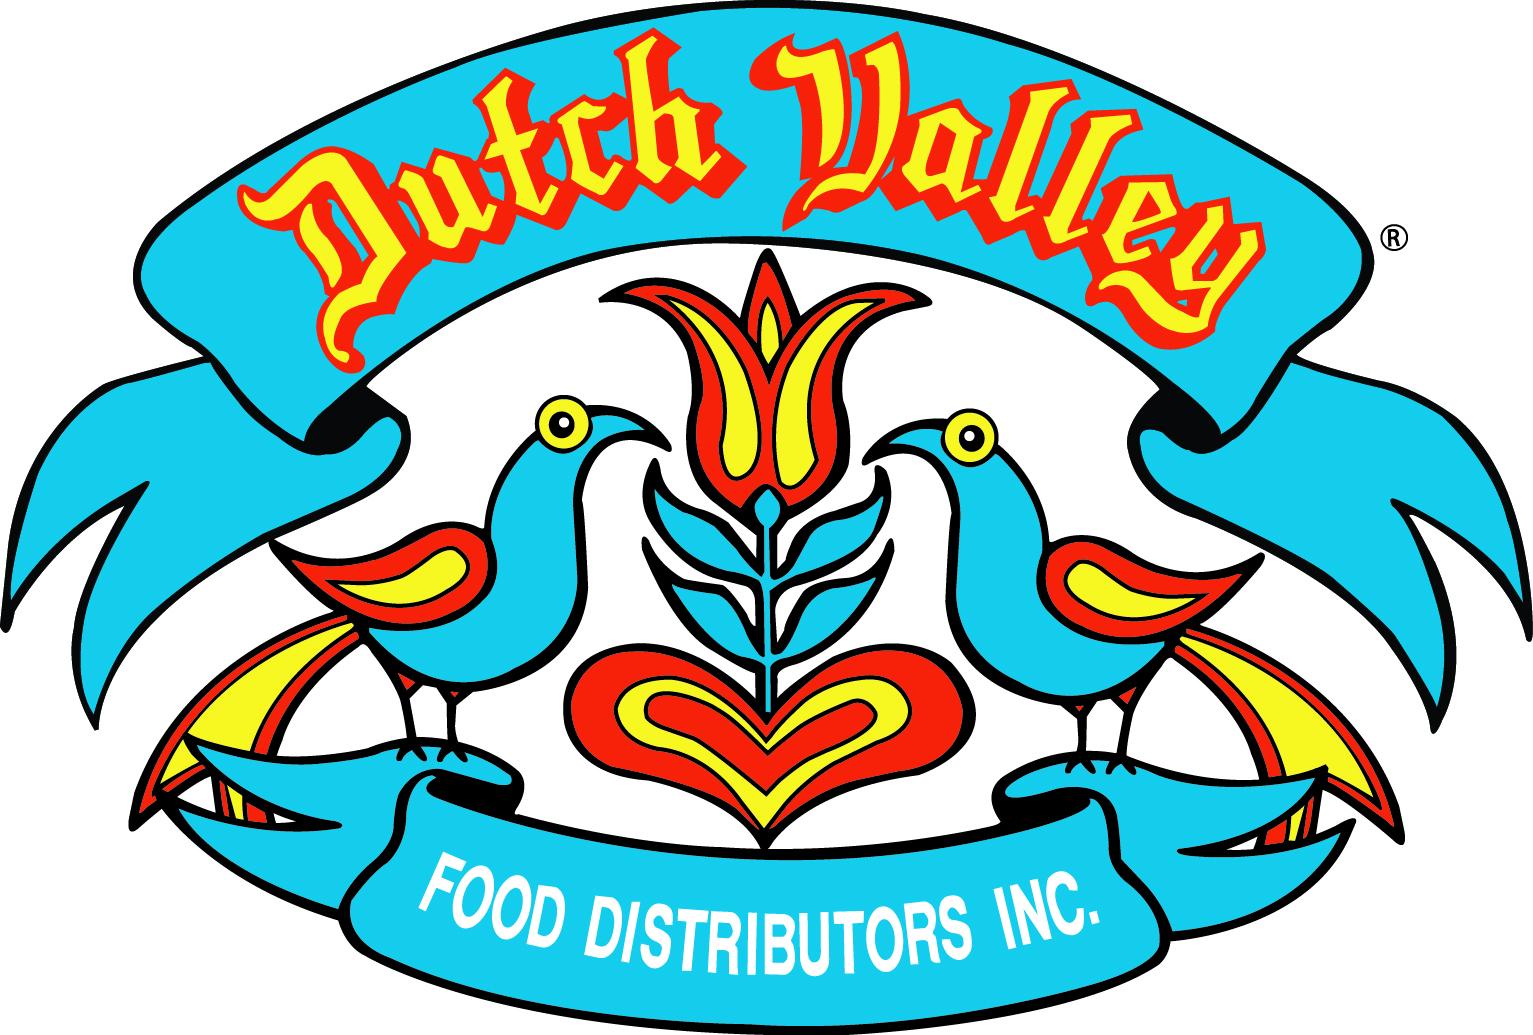 - Myerstown, PAwww.dutchvalleyfoods.com(800) 733-4191